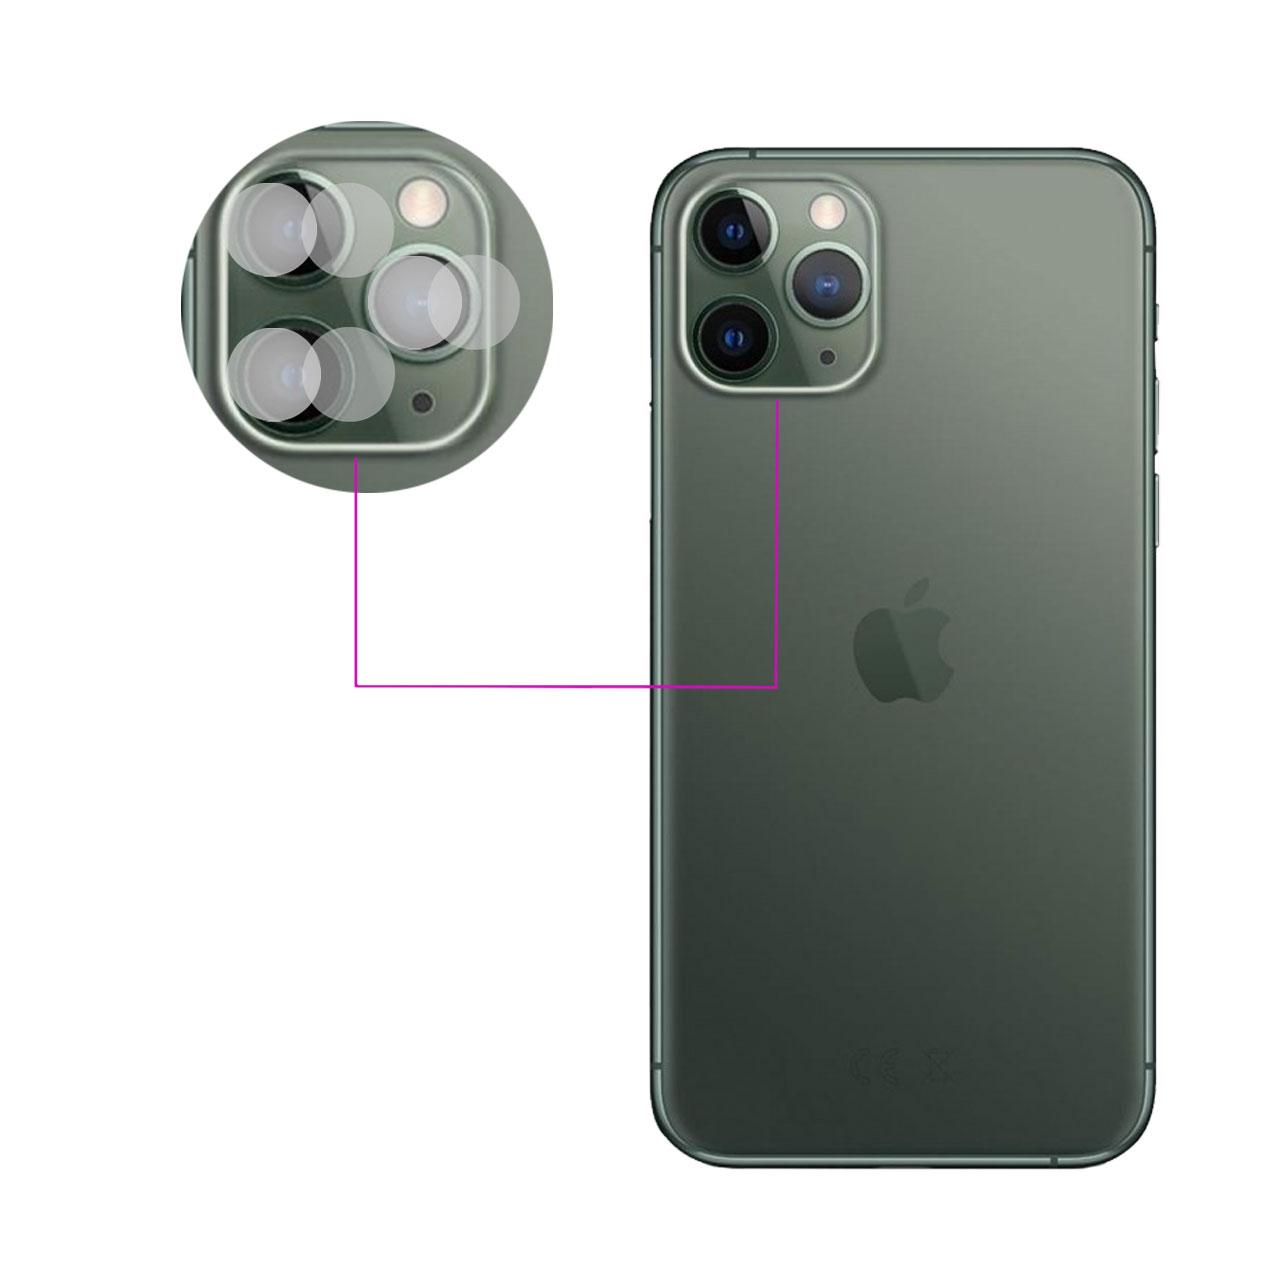 محافظ لنز دوربین مدل LTP مناسب برای گوشی موبایل اپل iPhone 11 Pro بسته دو عددی